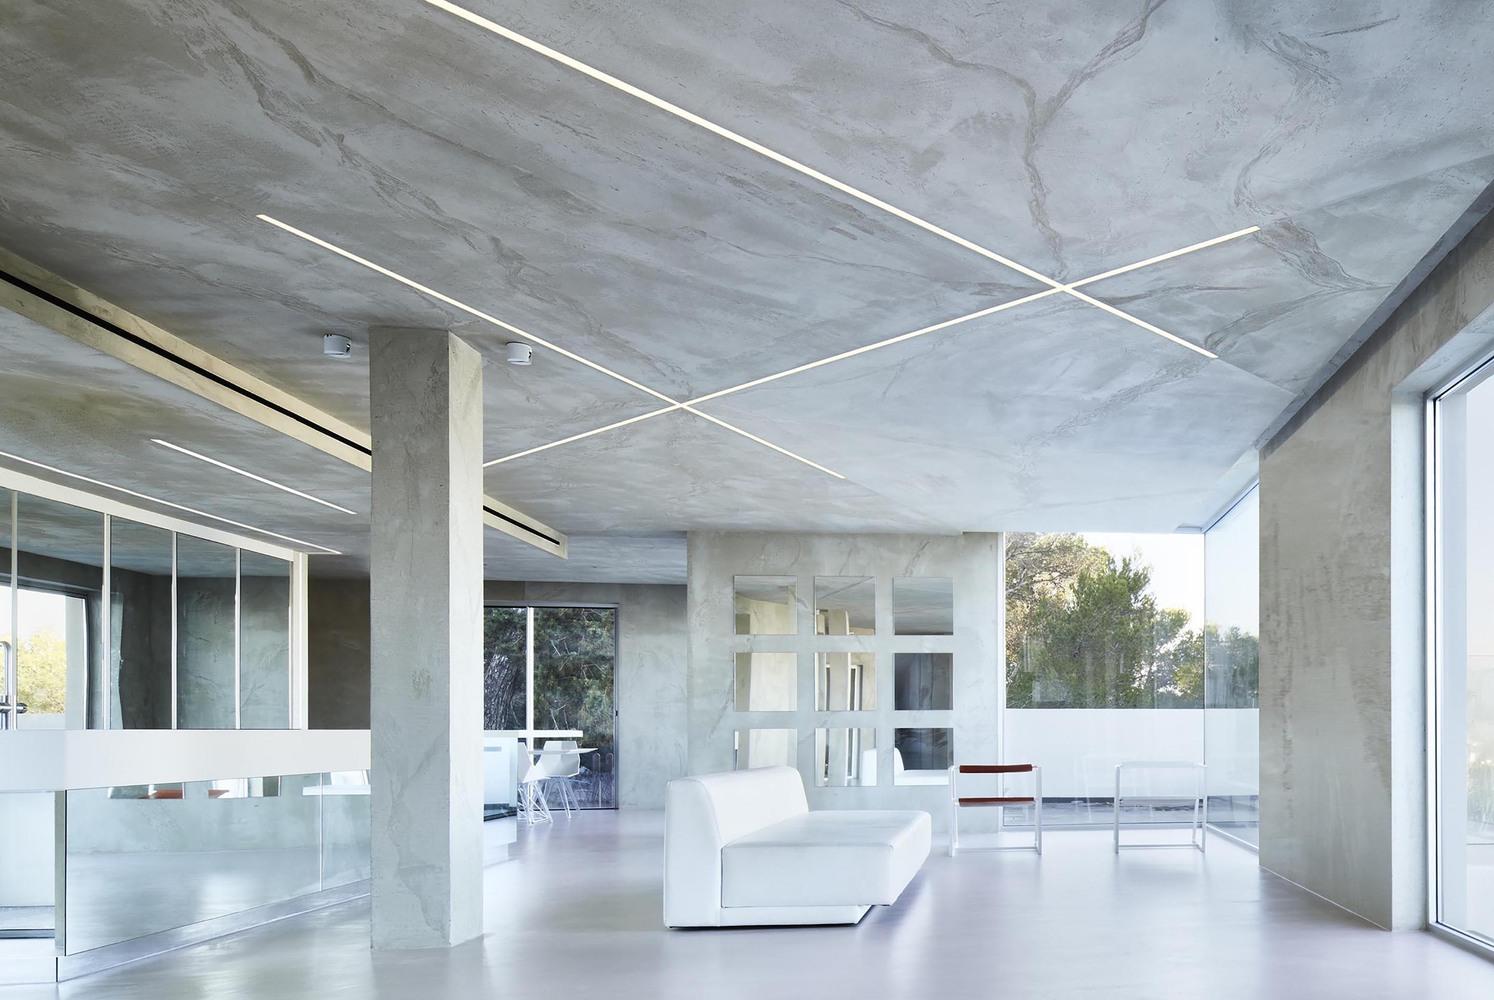 Rudayla House Minimal Studio 03